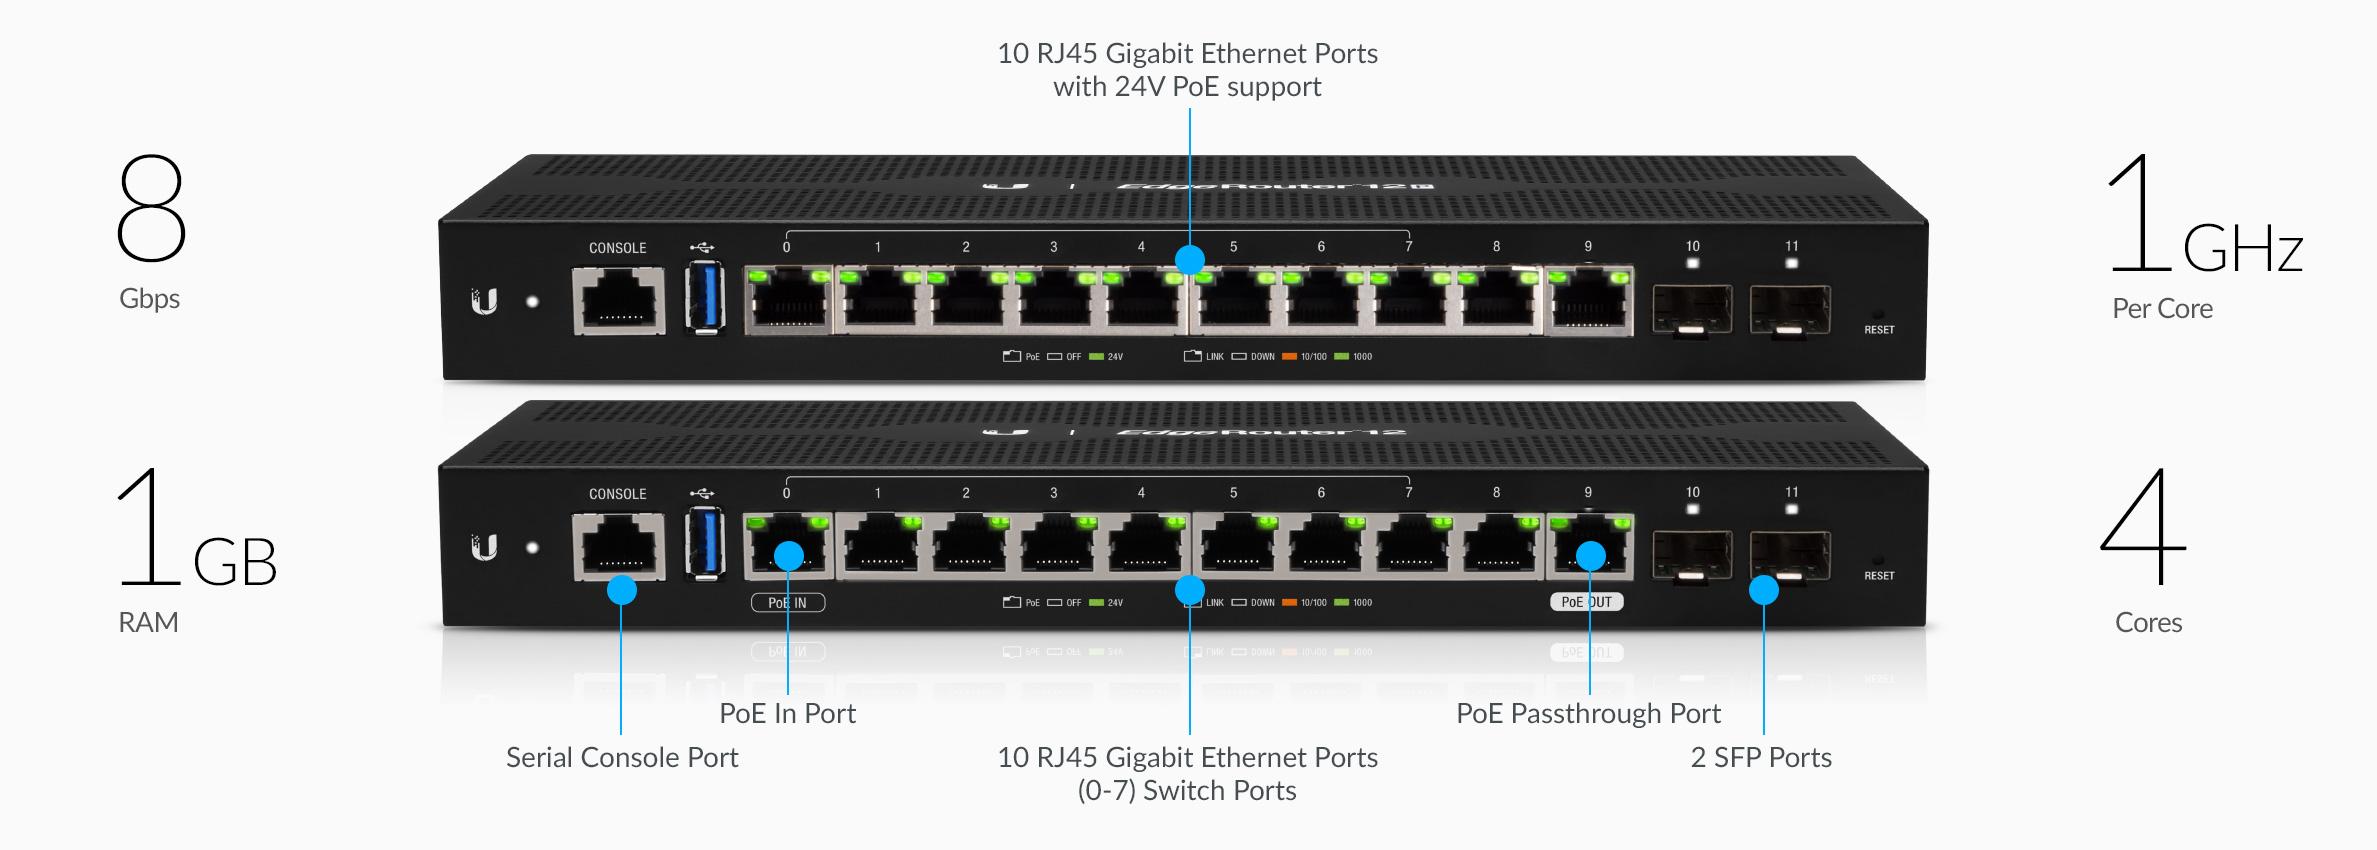 Ubiquiti Networks Edgerouter Pro 8-8 Port Router 2Sfp ,Black ERPro-8